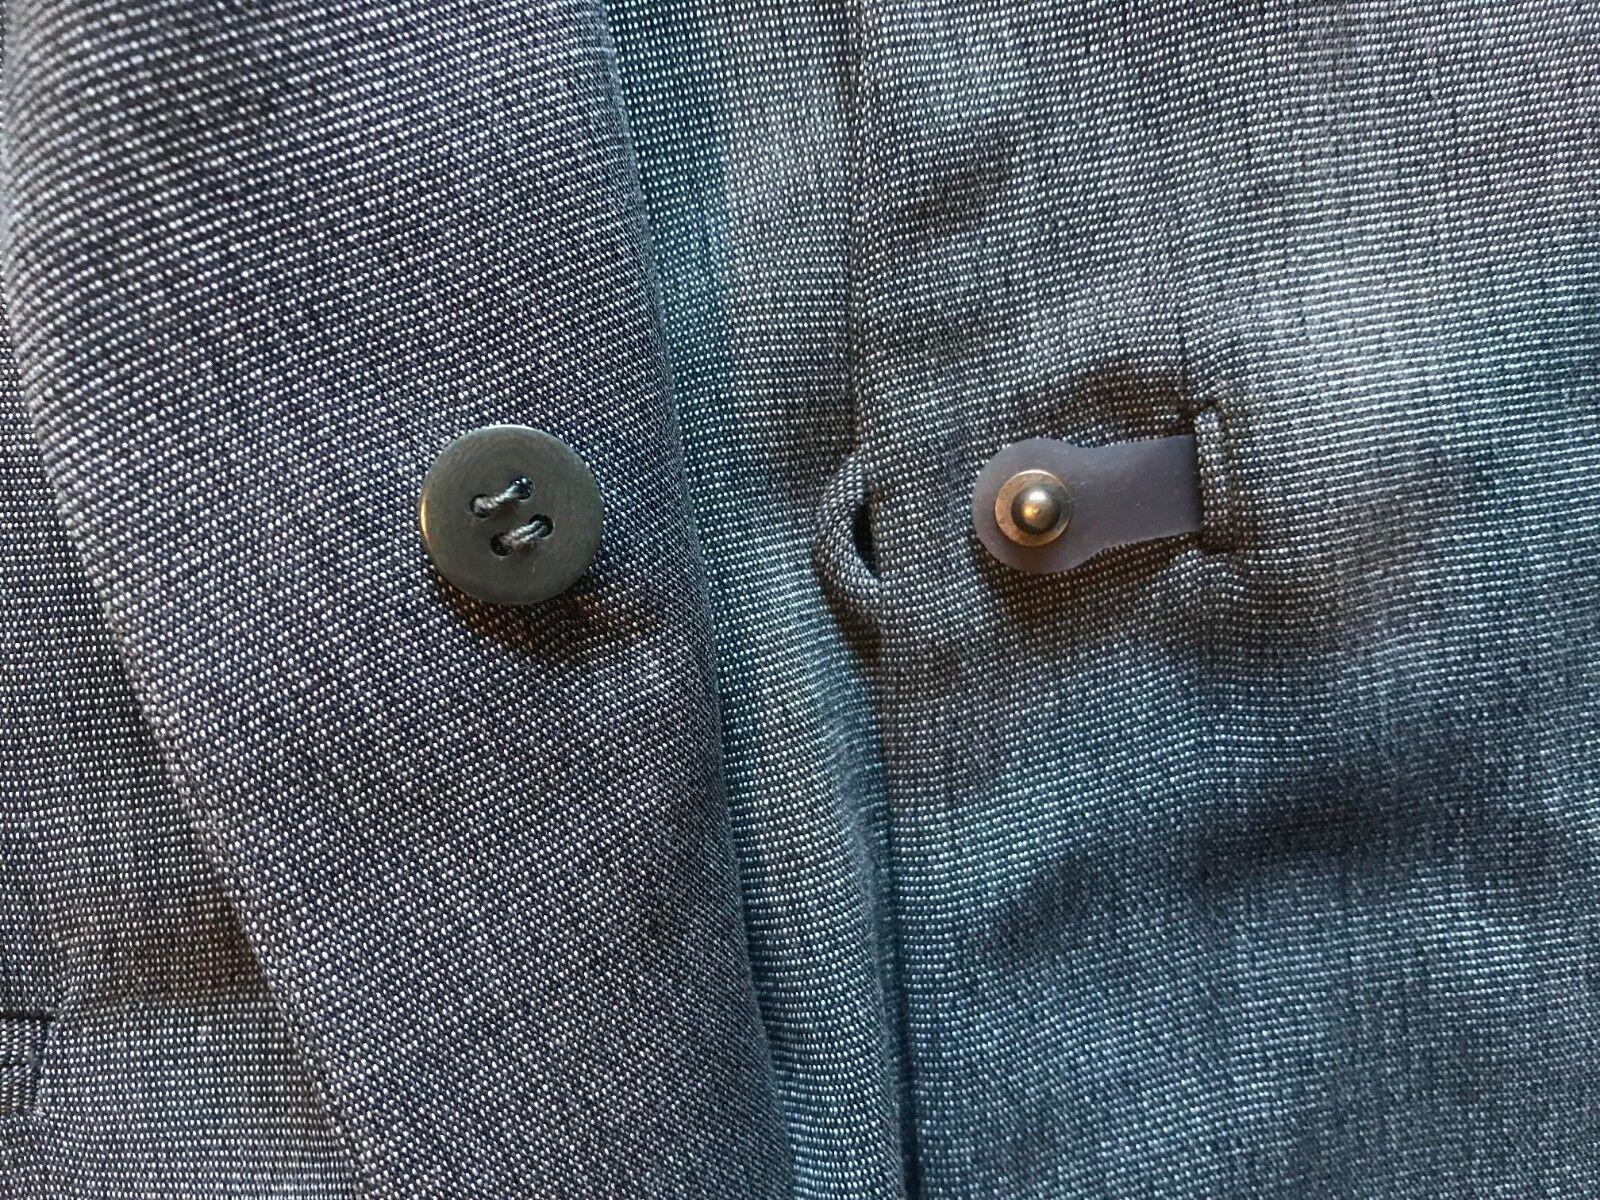 Giorgio Armani Grey Unlined Blazer Blazer Blazer with Plastic Toggle - Size 44 993bd6